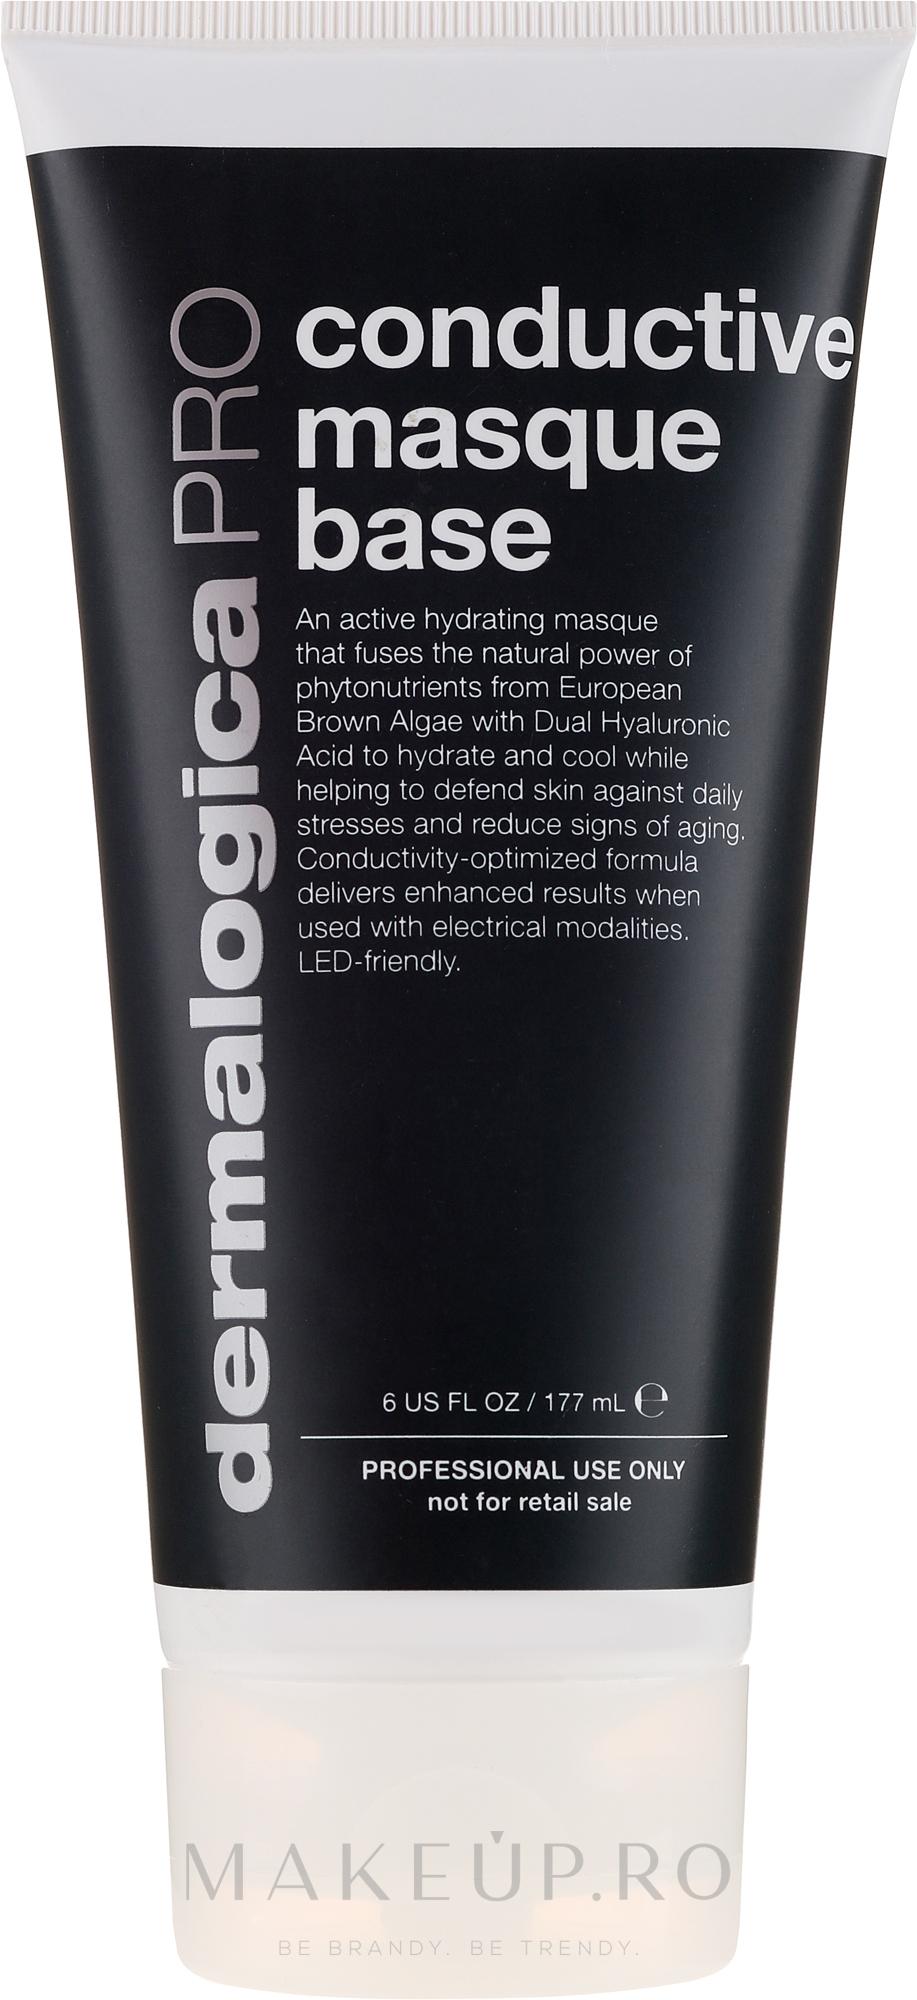 Mască de față - Dermalogica PRO Conductive Masque Base — Imagine 177 ml